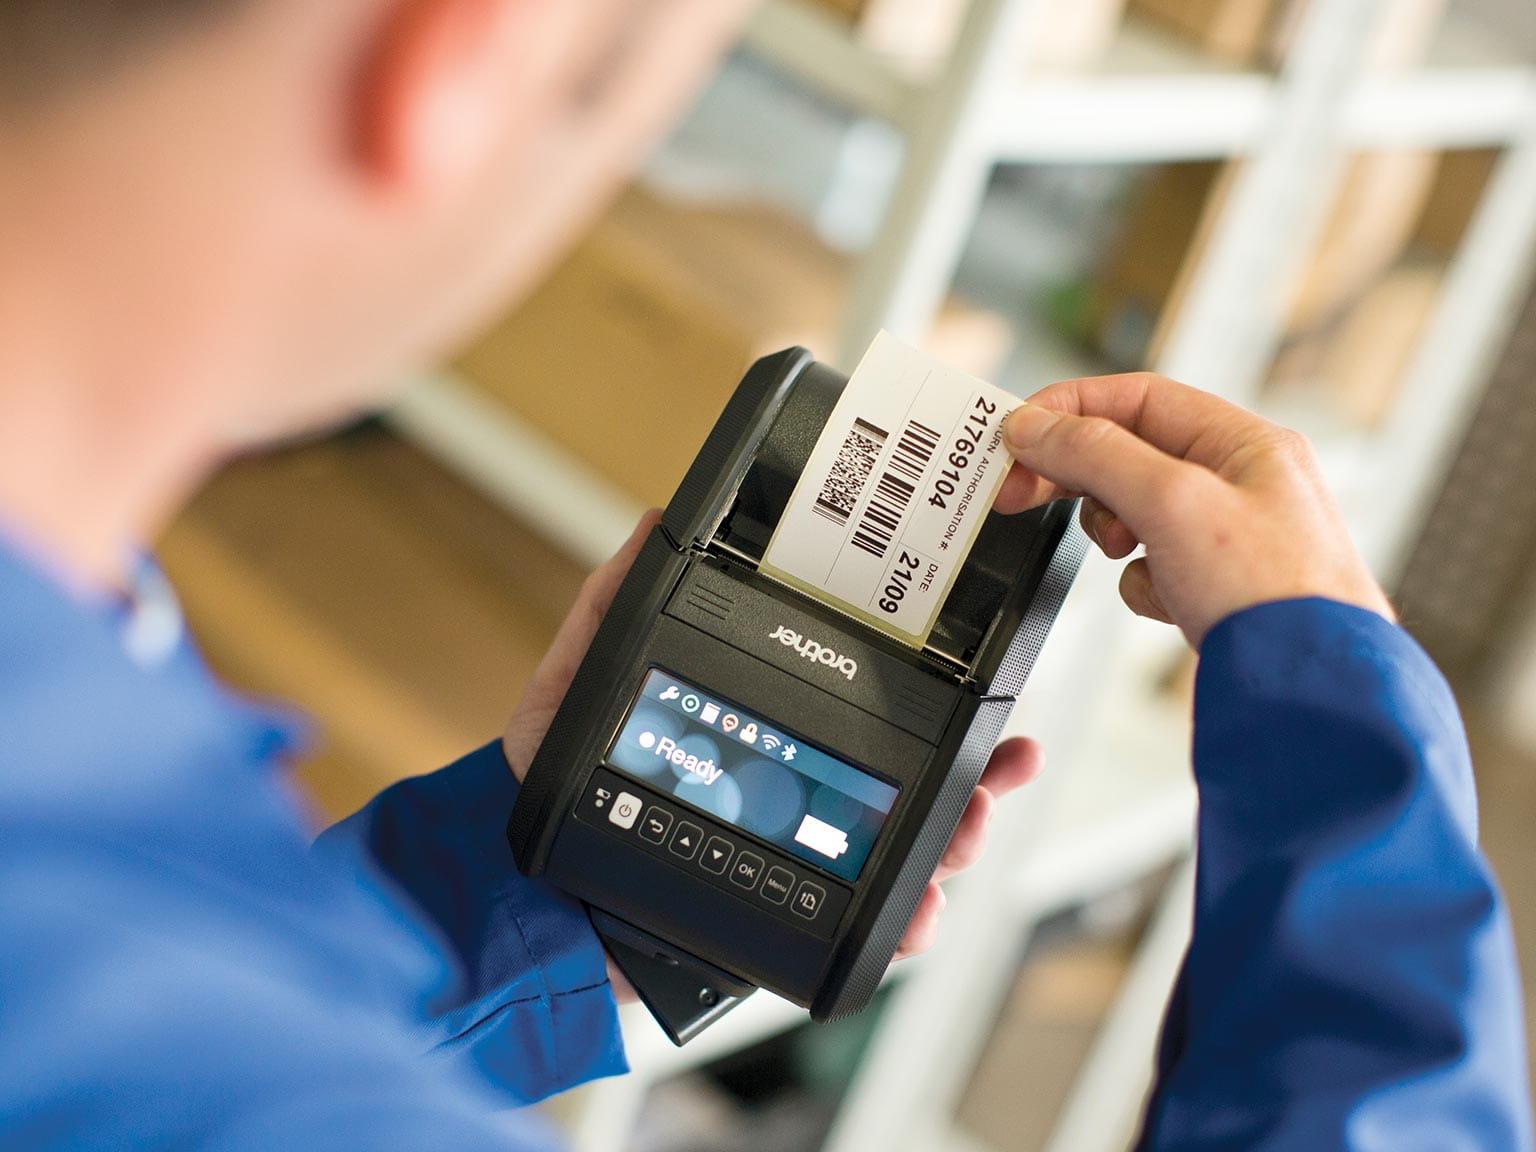 Рабочий склада с принтером RJ в ожидании печати наклейки